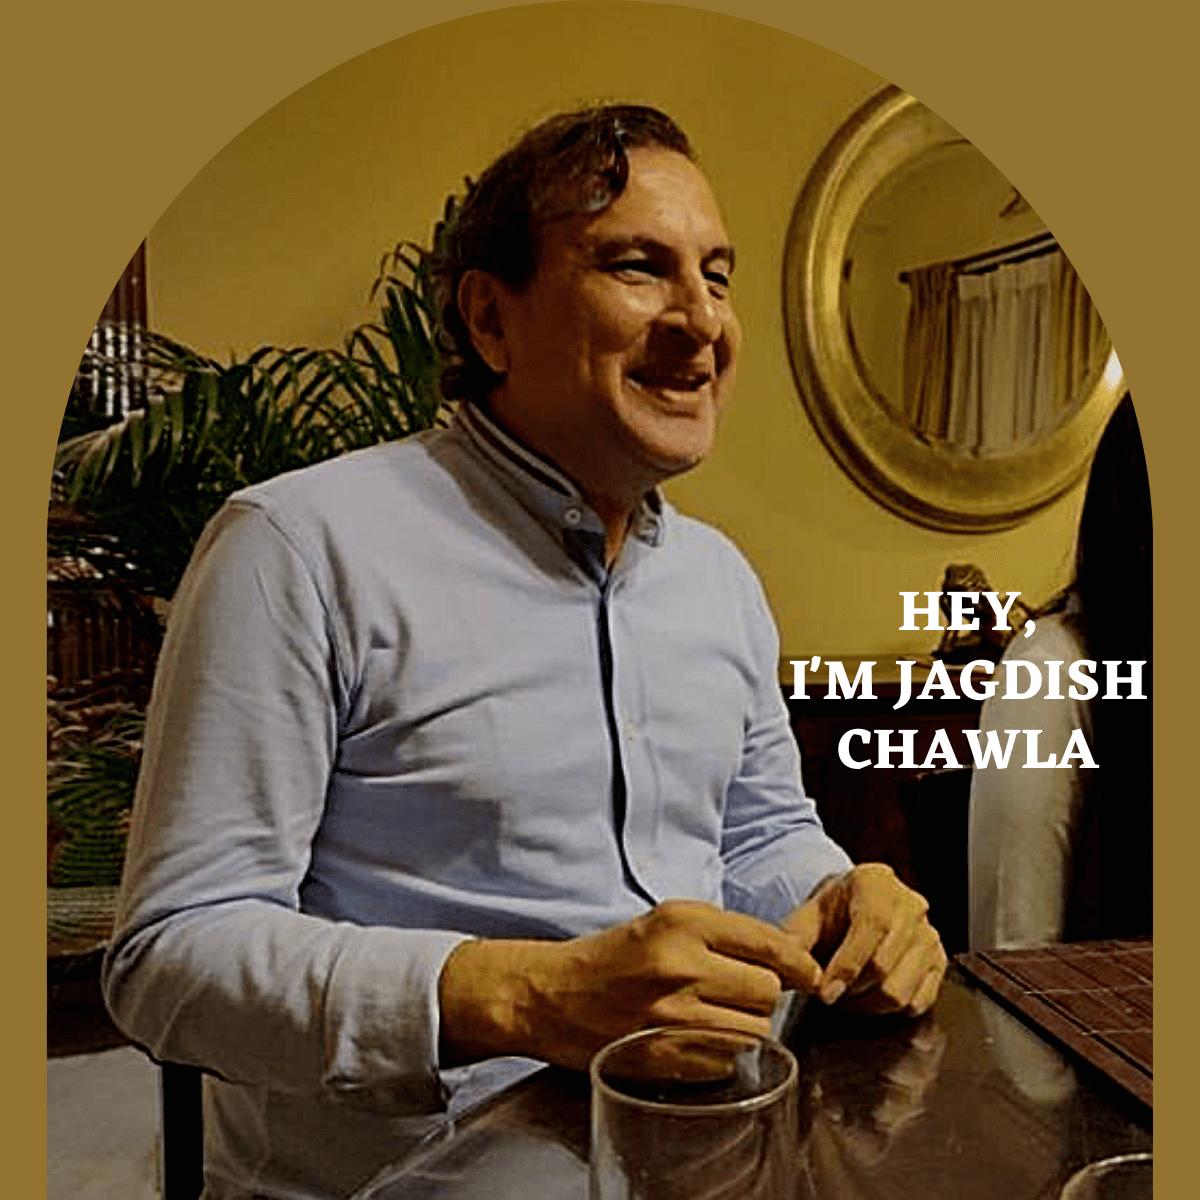 Jagdish Chawla